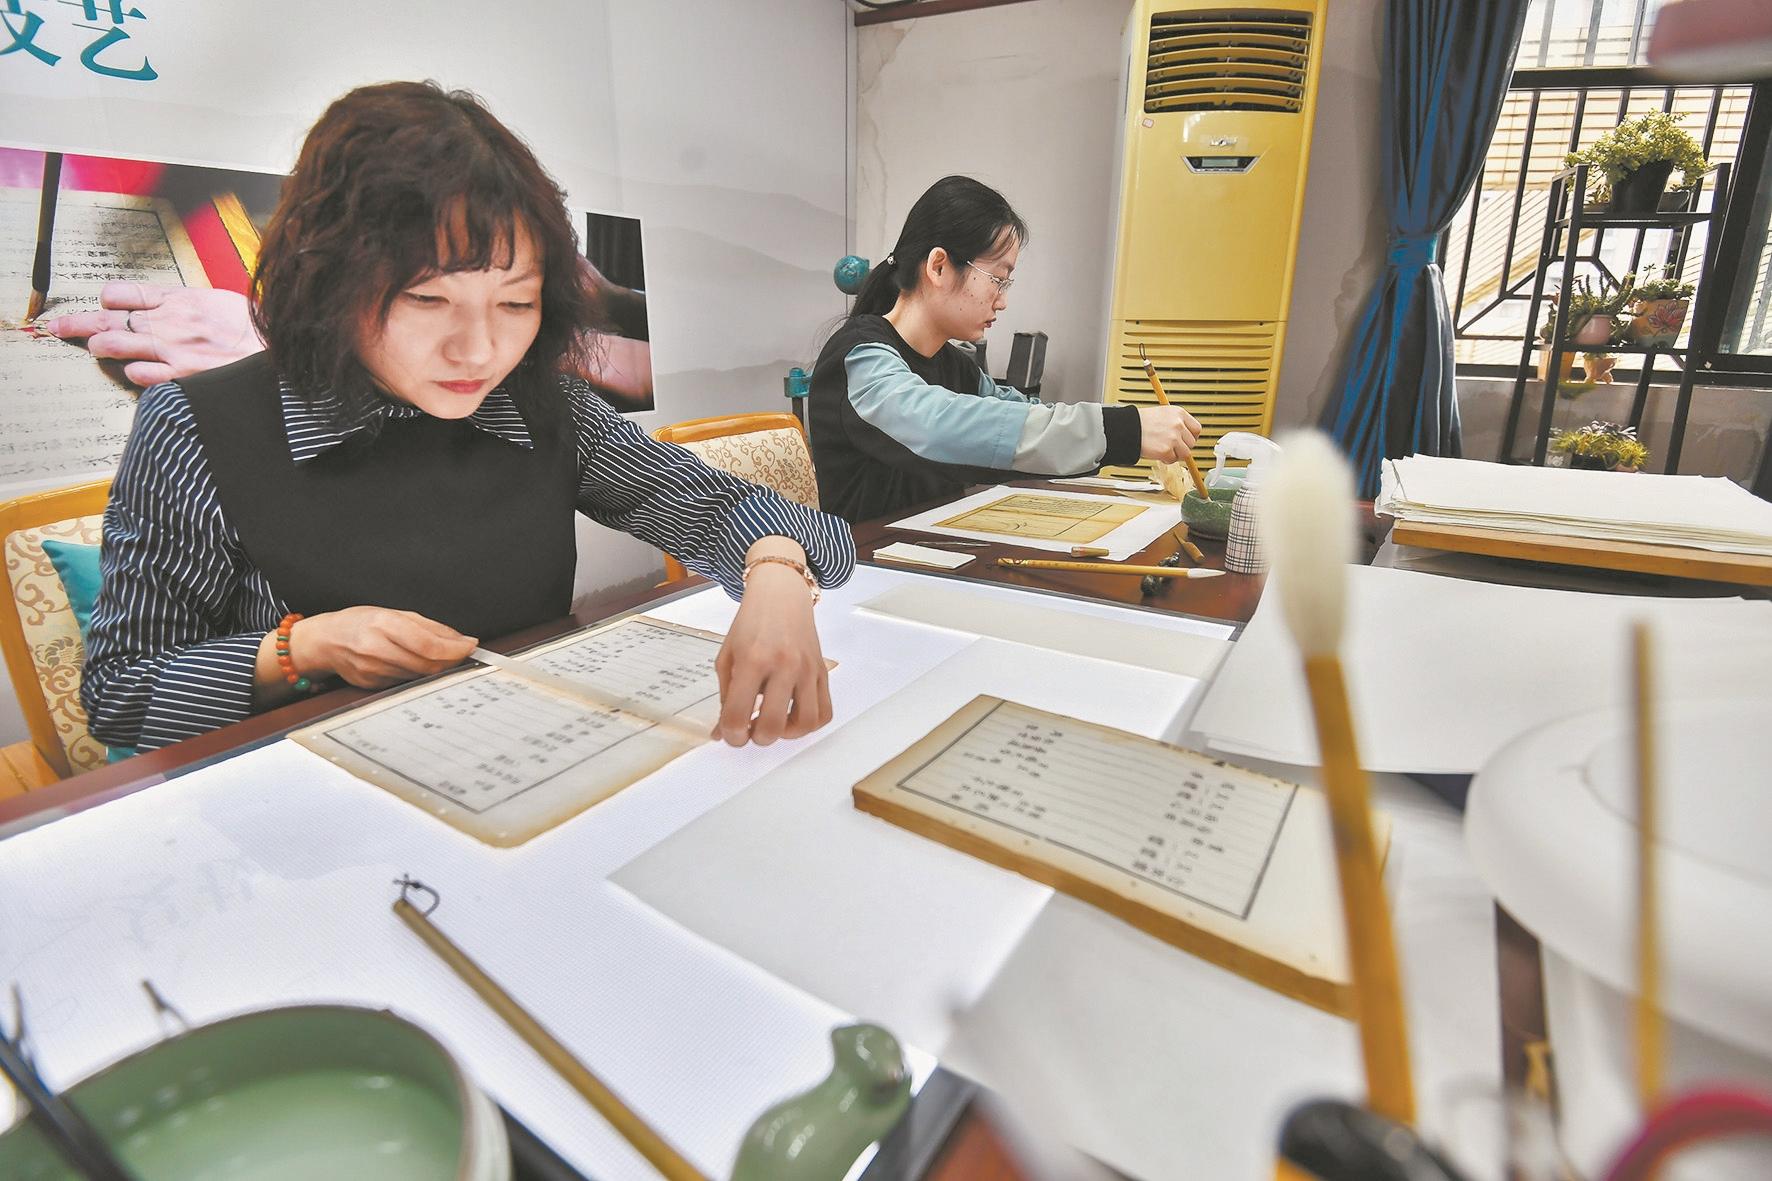 武汉图书馆斩获全国古籍修复技艺竞赛两大奖项 杨明丽白玉芝用补天之手与时光对话